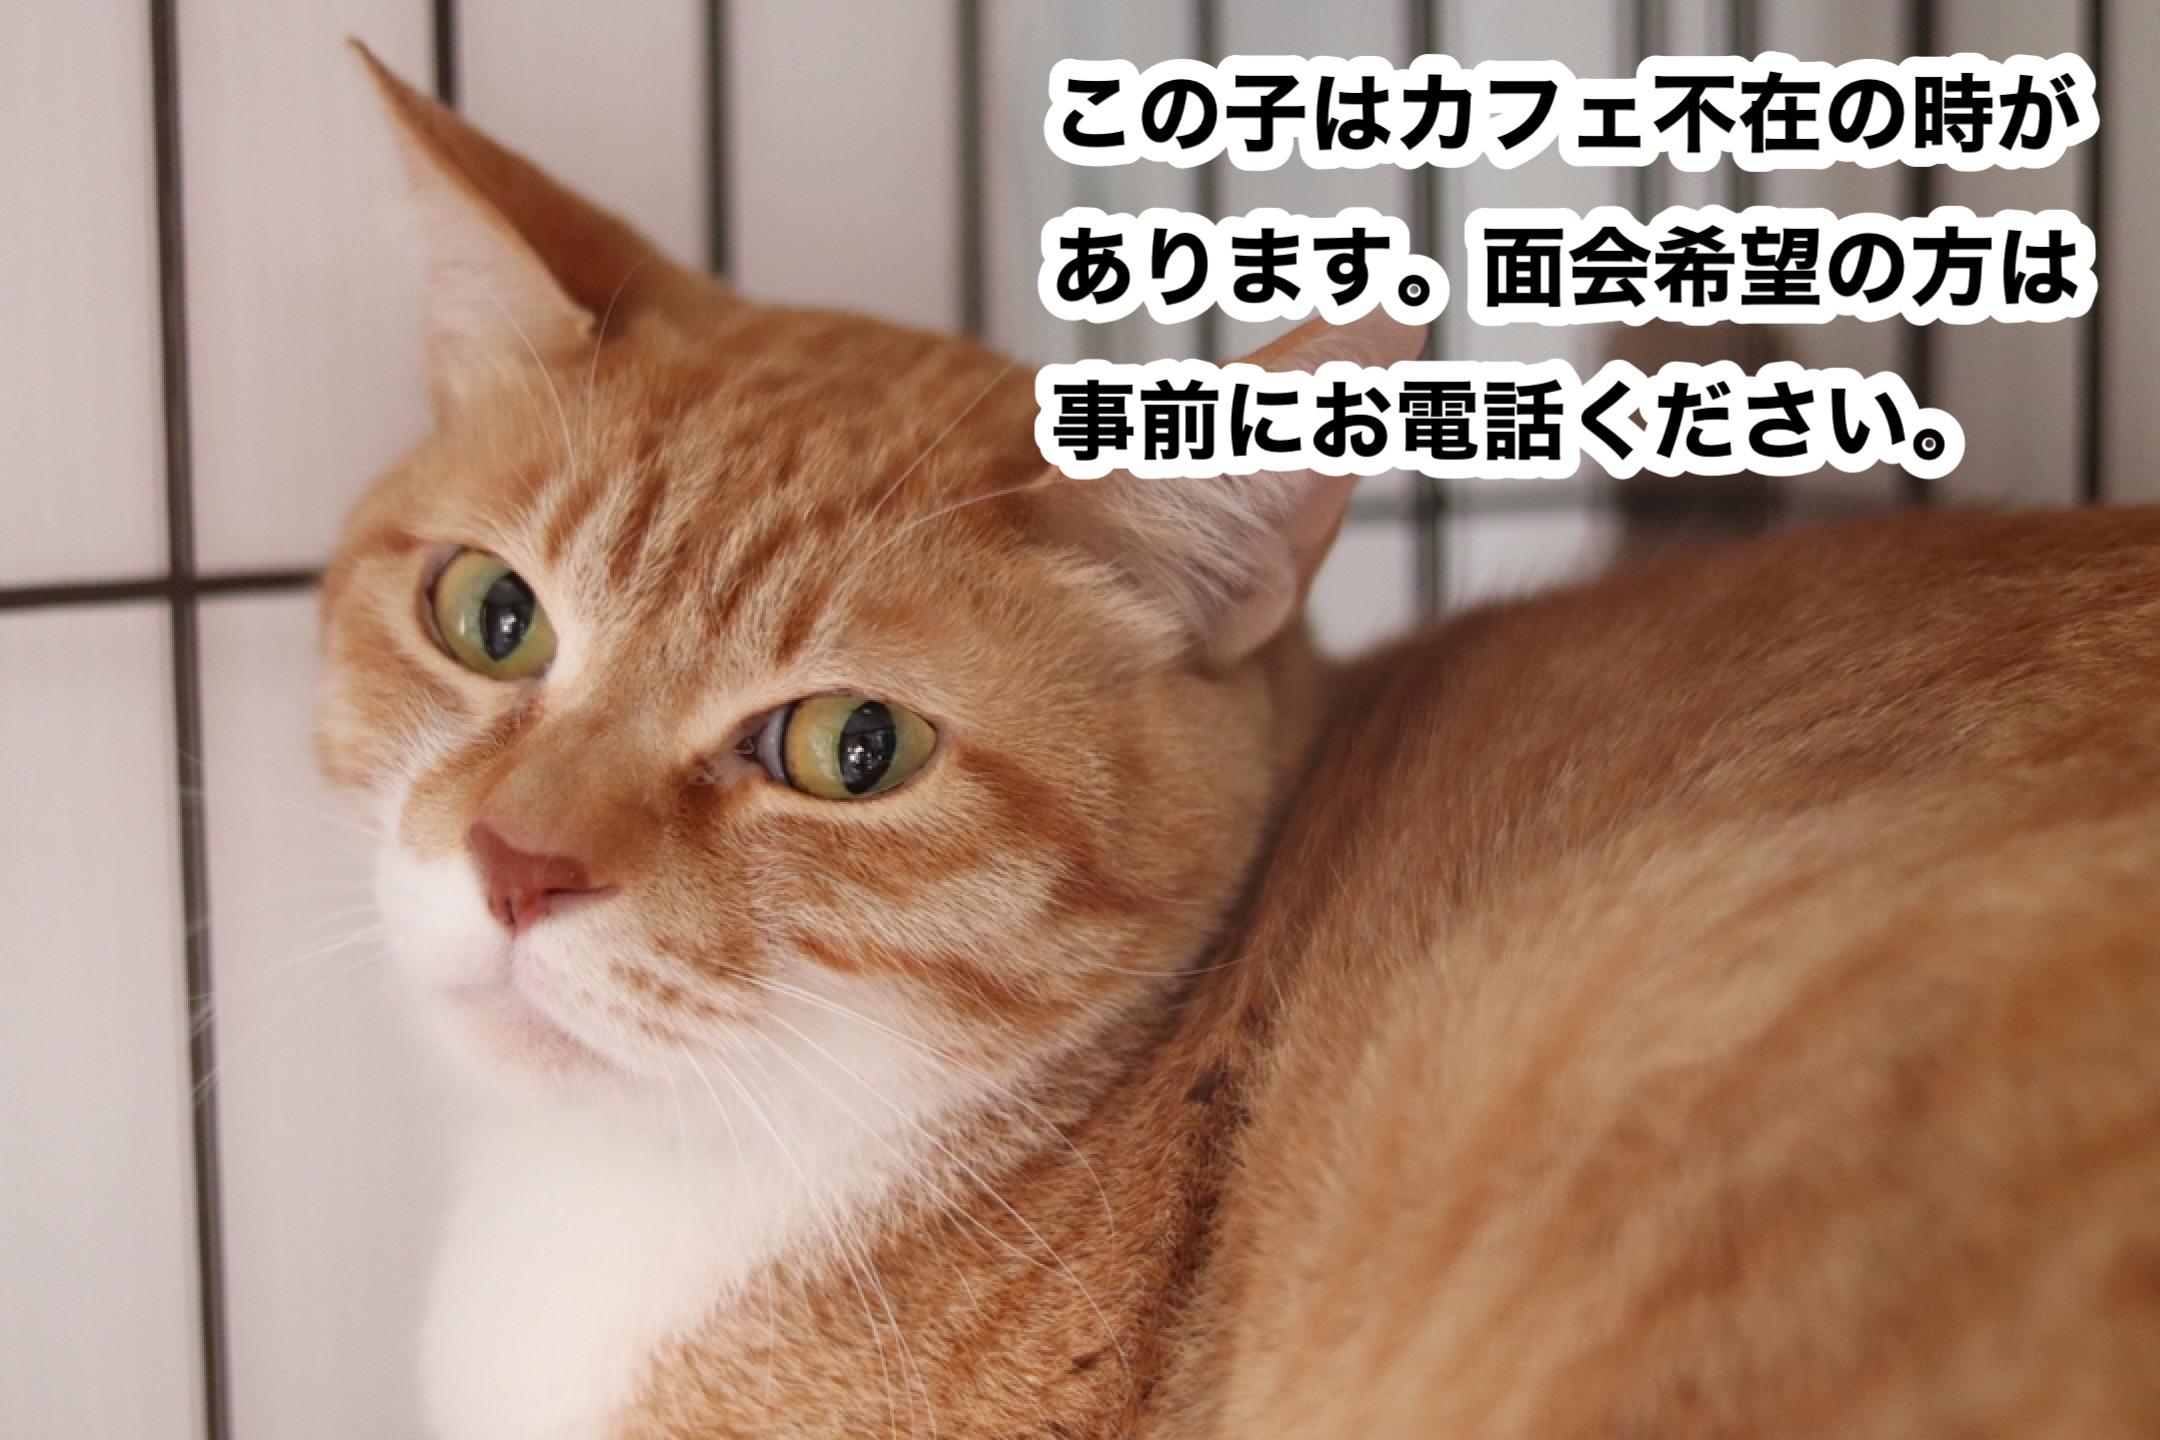 <ul> <li>猫種:日本猫(茶トラ)</li> <li>性別:女の子</li> <li>名前:むむ</li> <li>年齢:2011年頃生まれ</li> <li>保護経緯:飼い主が高齢になり施設に入居することになり、親族も引き継いで飼うことが出来ない</li> </ul>